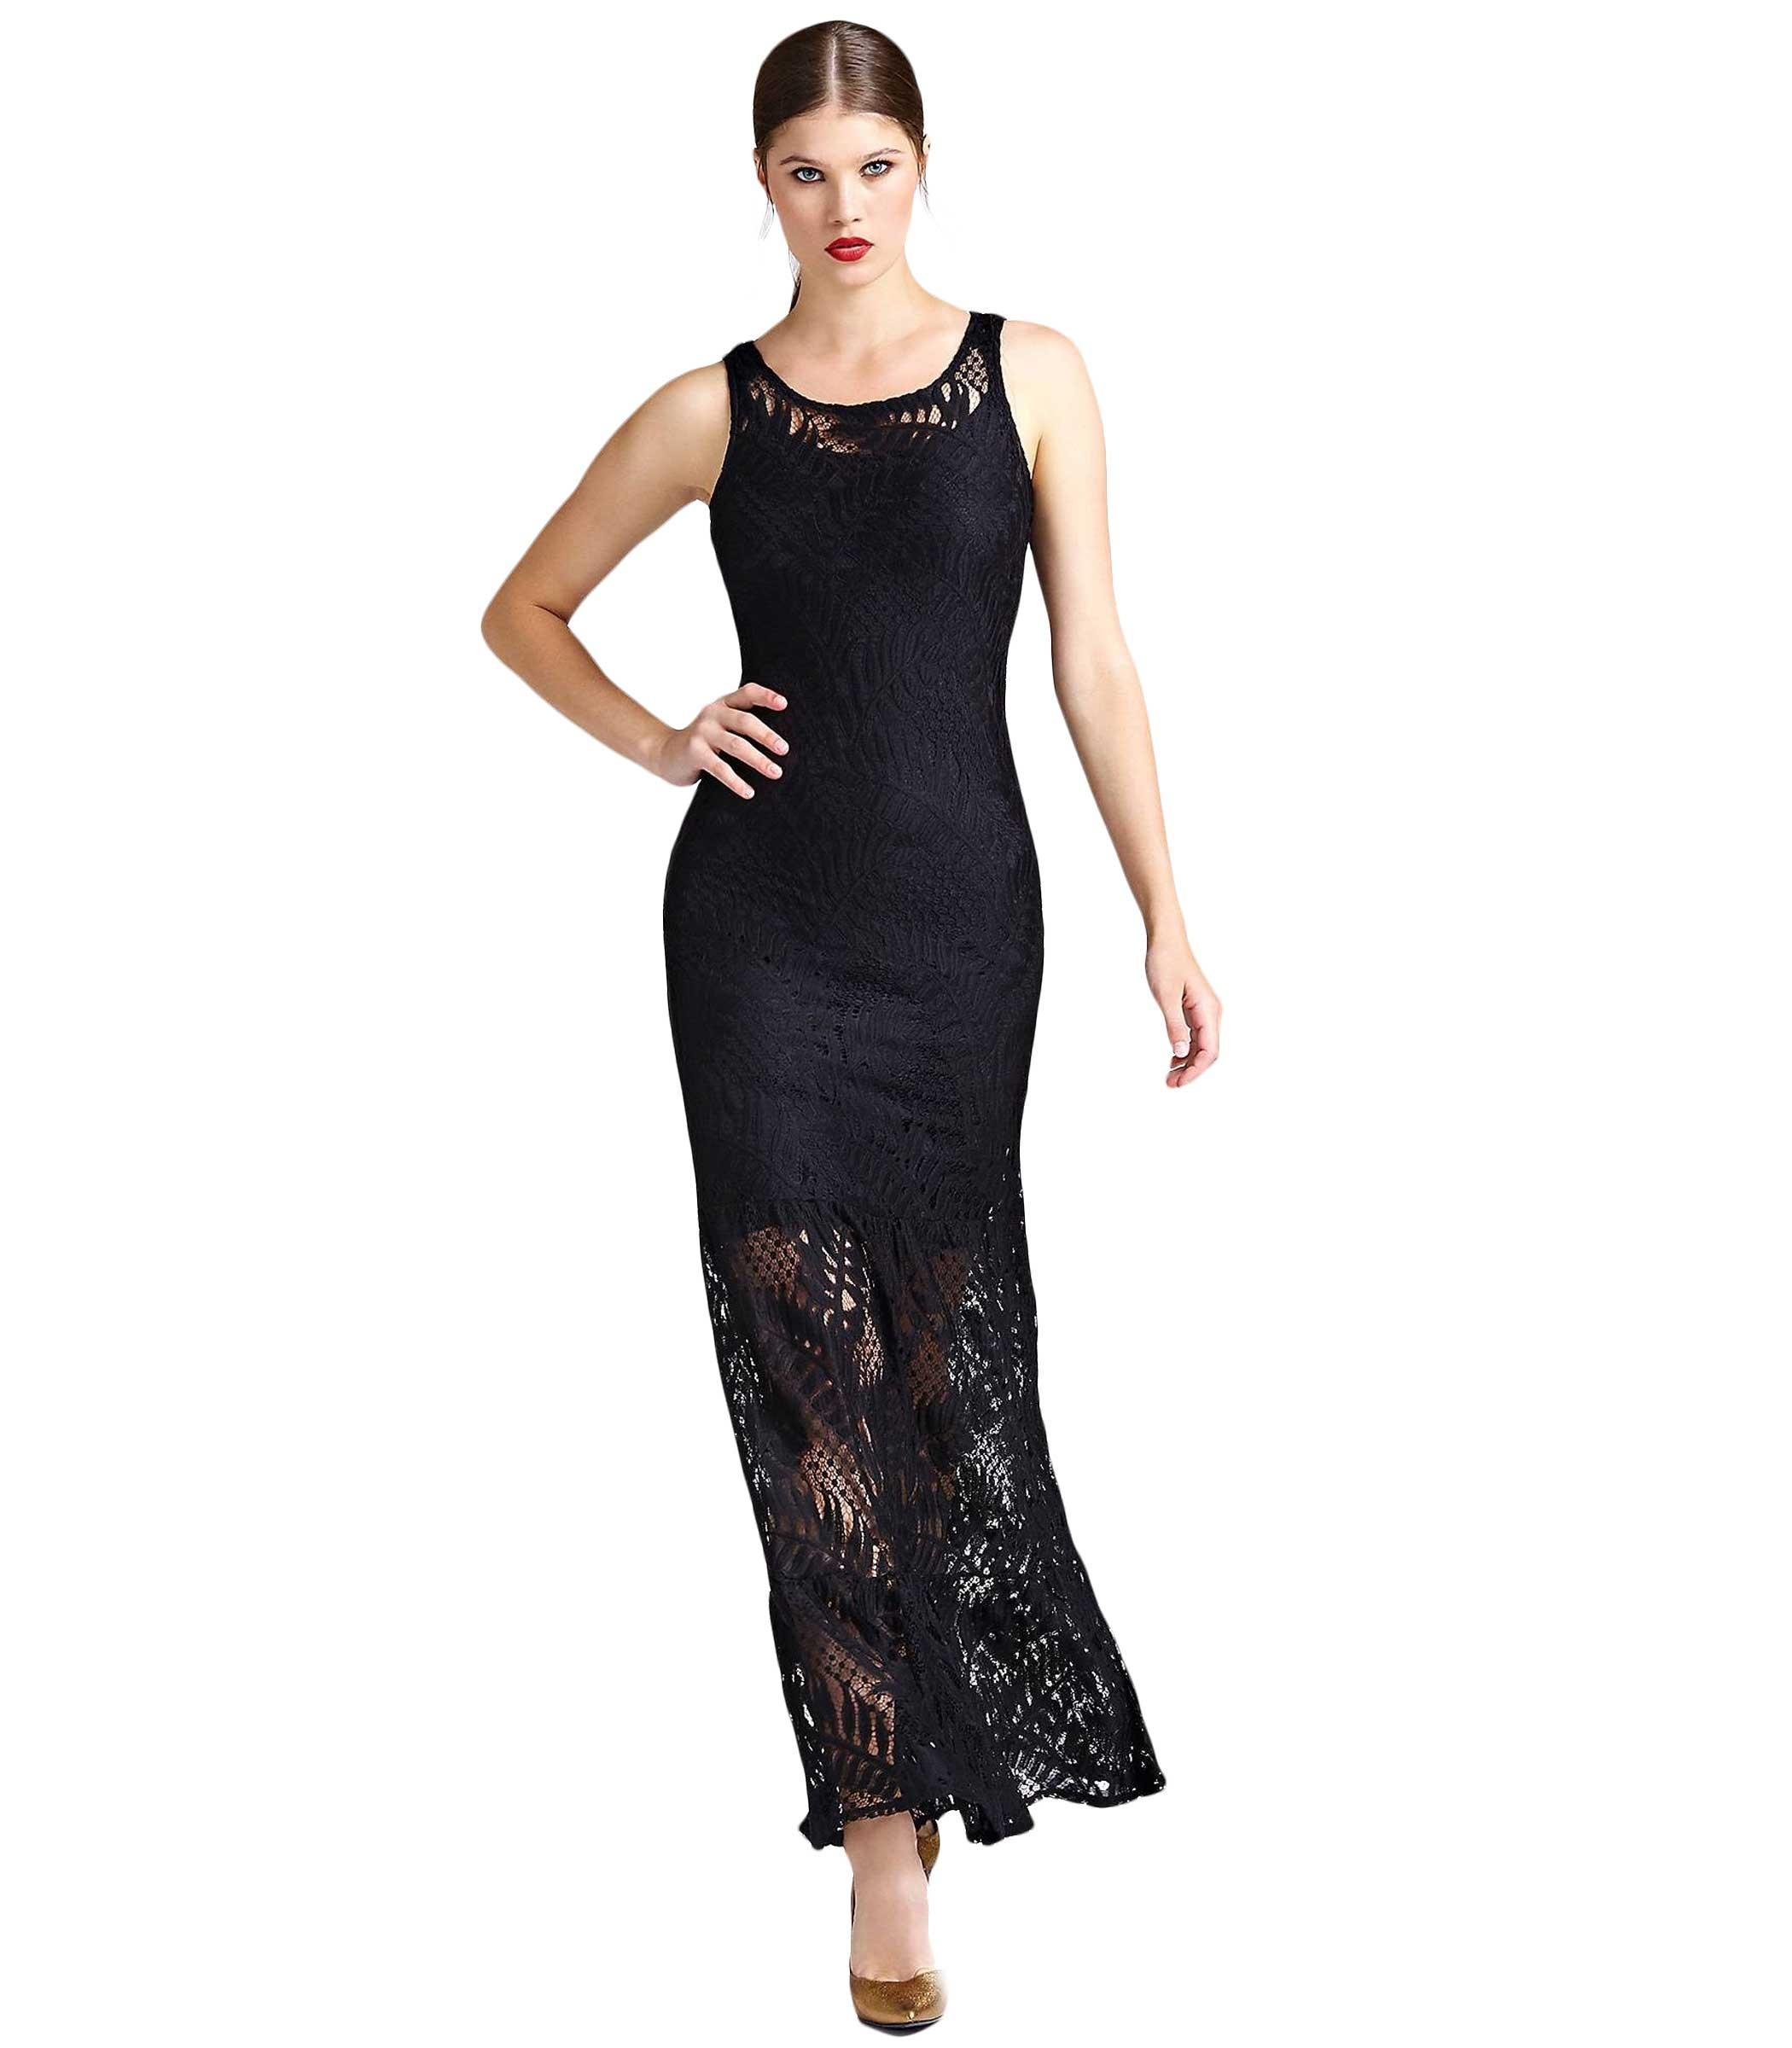 buy popular 50908 40e83 Vestito Abito GUESS in pizzo dettaglio trasparente donna ...